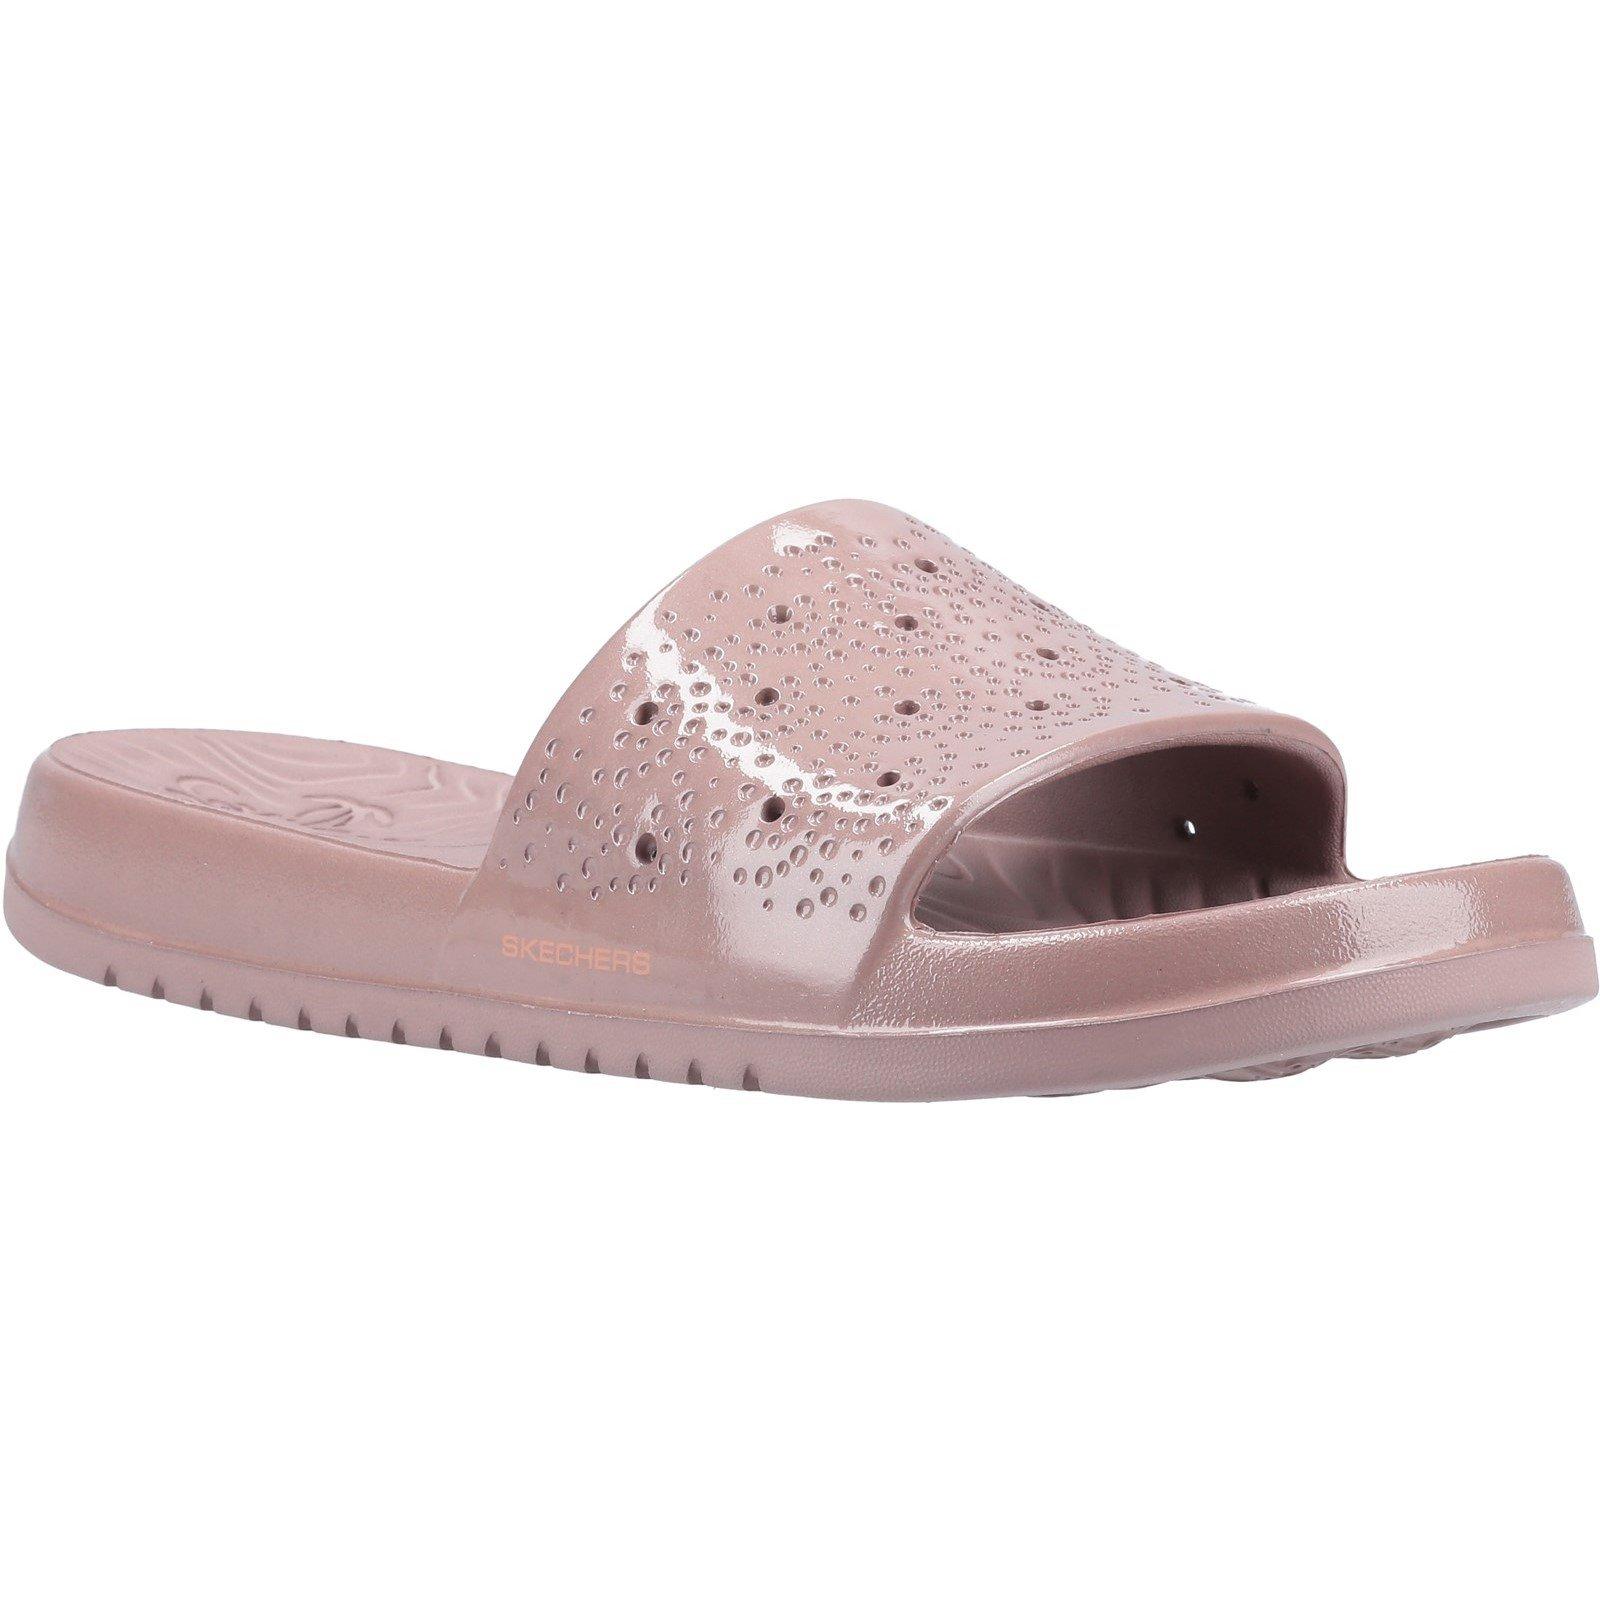 Skechers Women's Gleam Sizzling Slide Sandal Rose Gold 32373 - Rose Gold 7